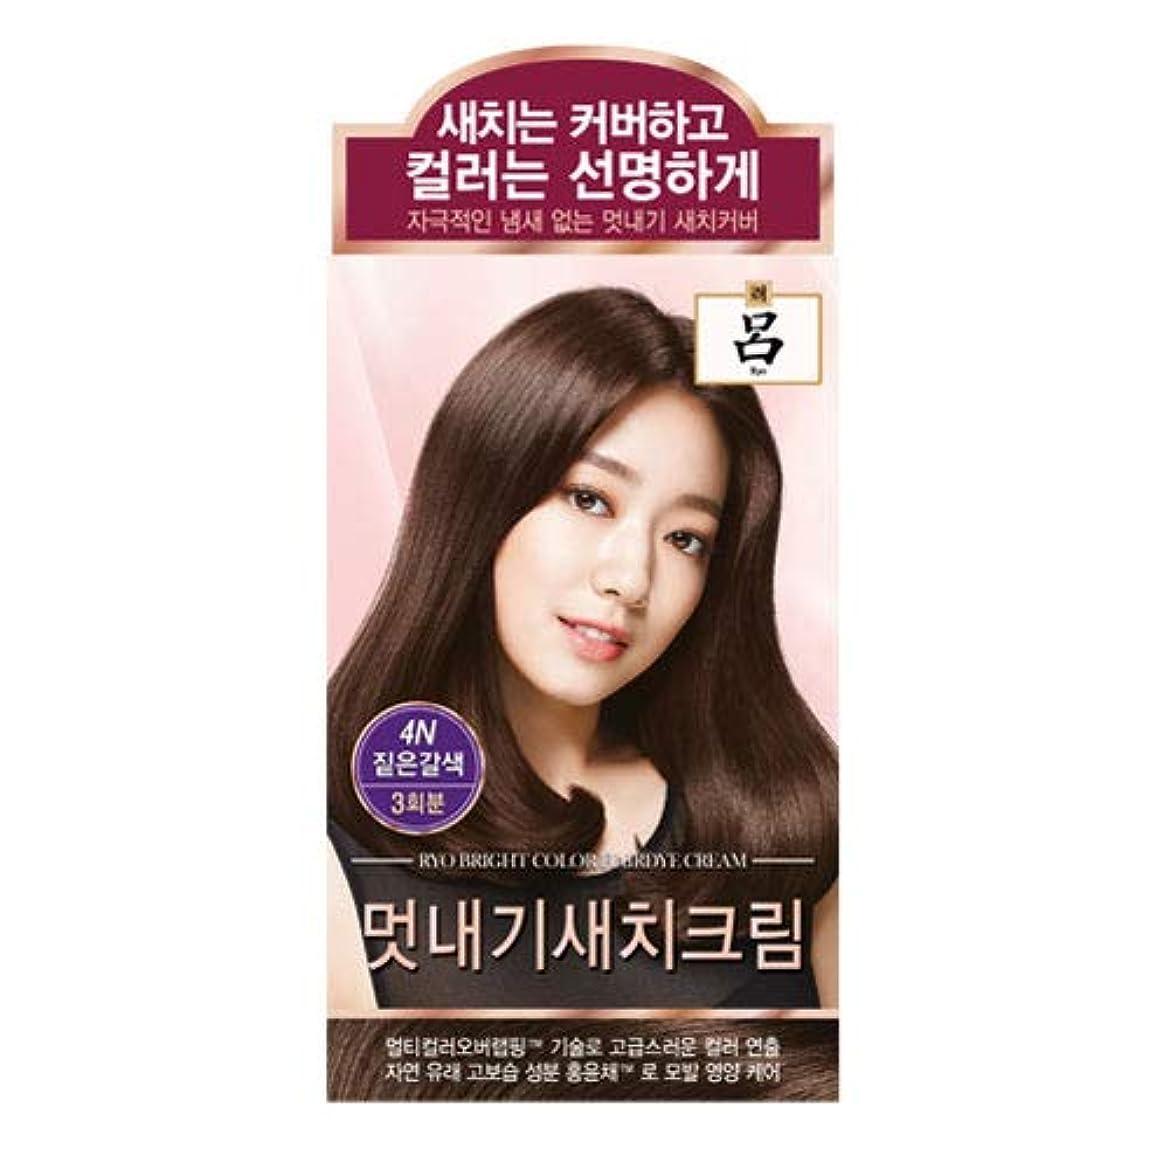 連隊クローンホットアモーレパシフィック呂[AMOREPACIFIC/Ryo] ブライトカラーヘアアイクリーム 4N ディープブラウン/Bright Color Hairdye Cream 4N Deep Brown